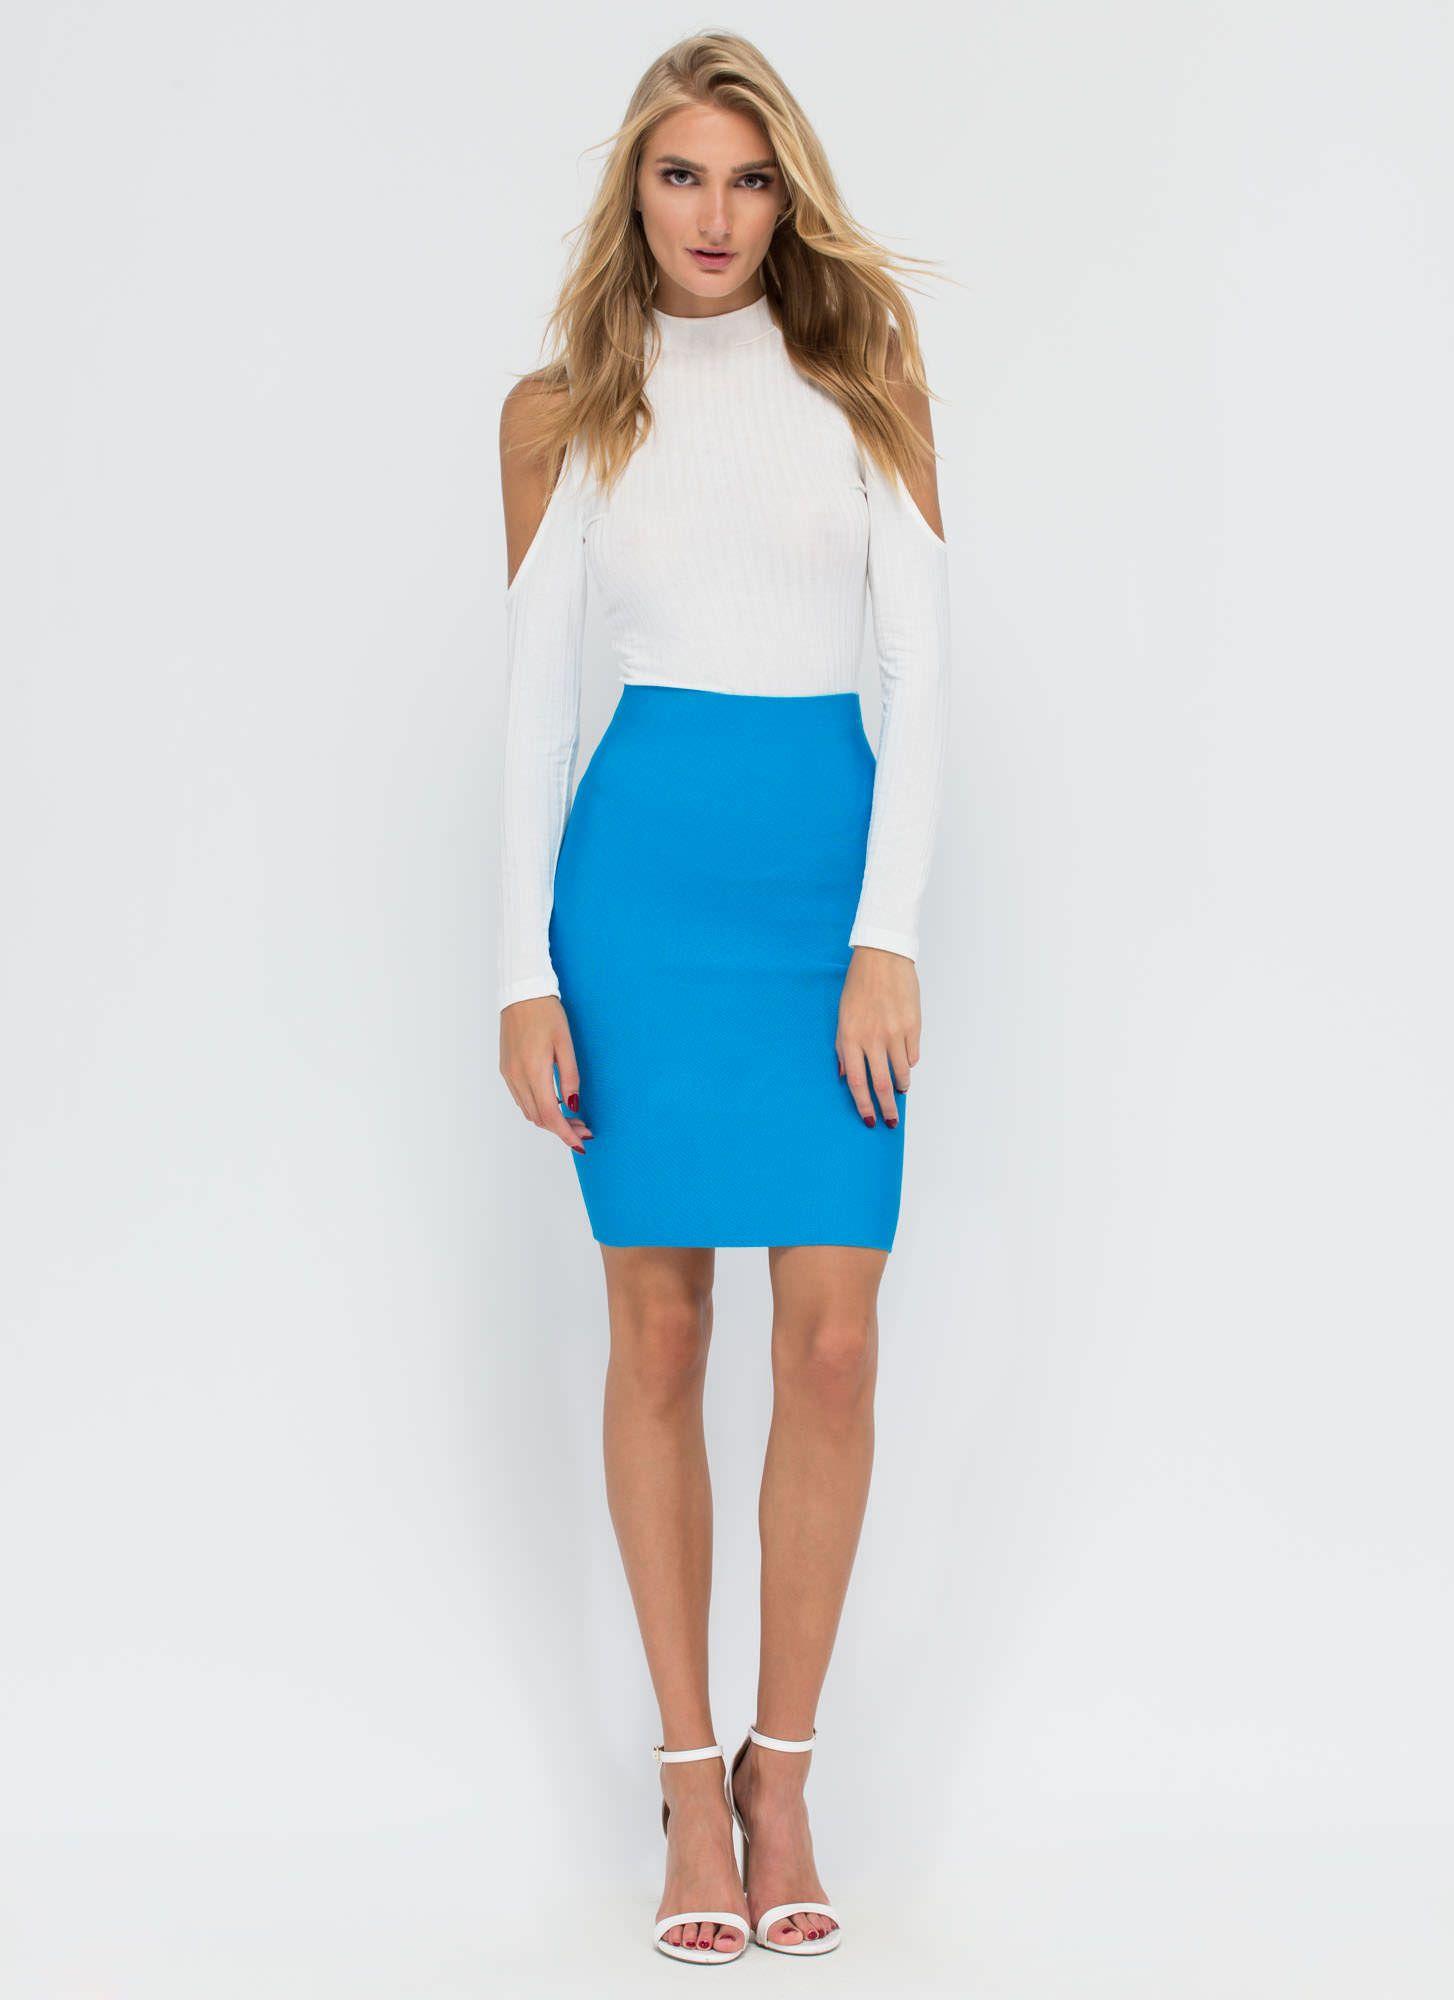 Tassel Knee Length Bandage Skirt Knitted Sweet Designer